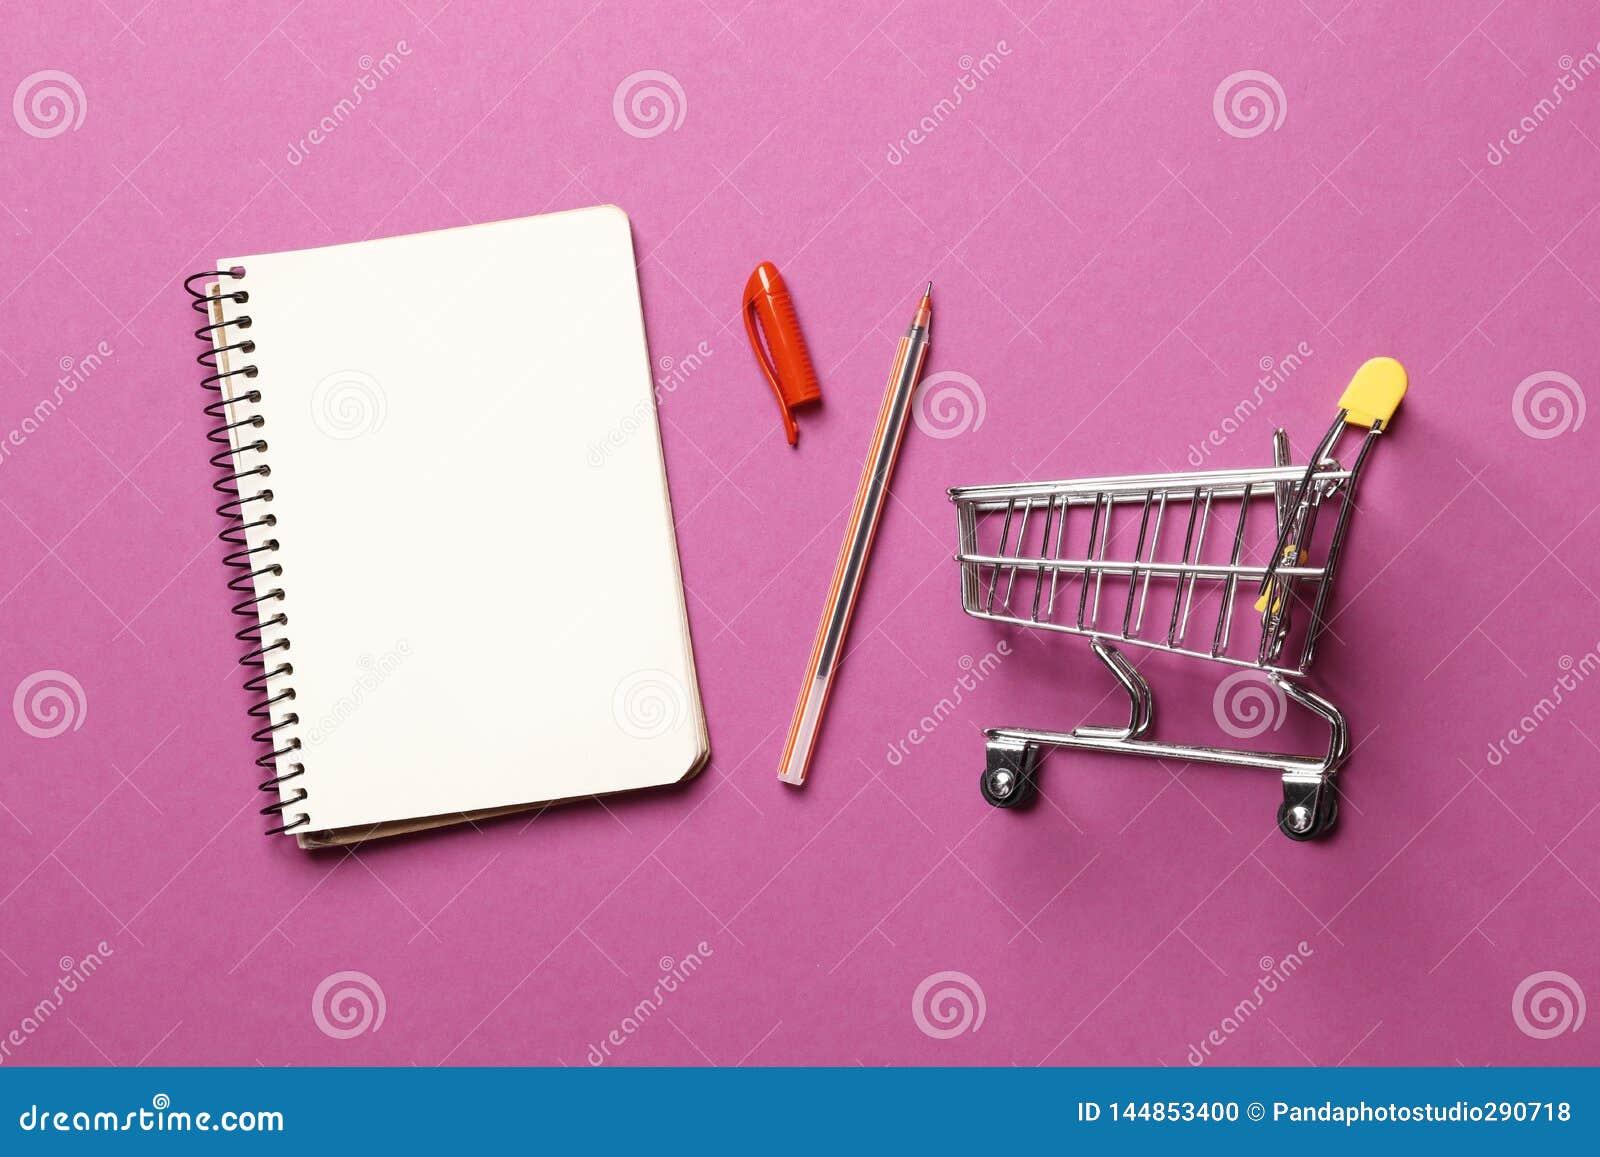 Concepto del presupuesto carro de la compra, cuaderno de papel en blanco